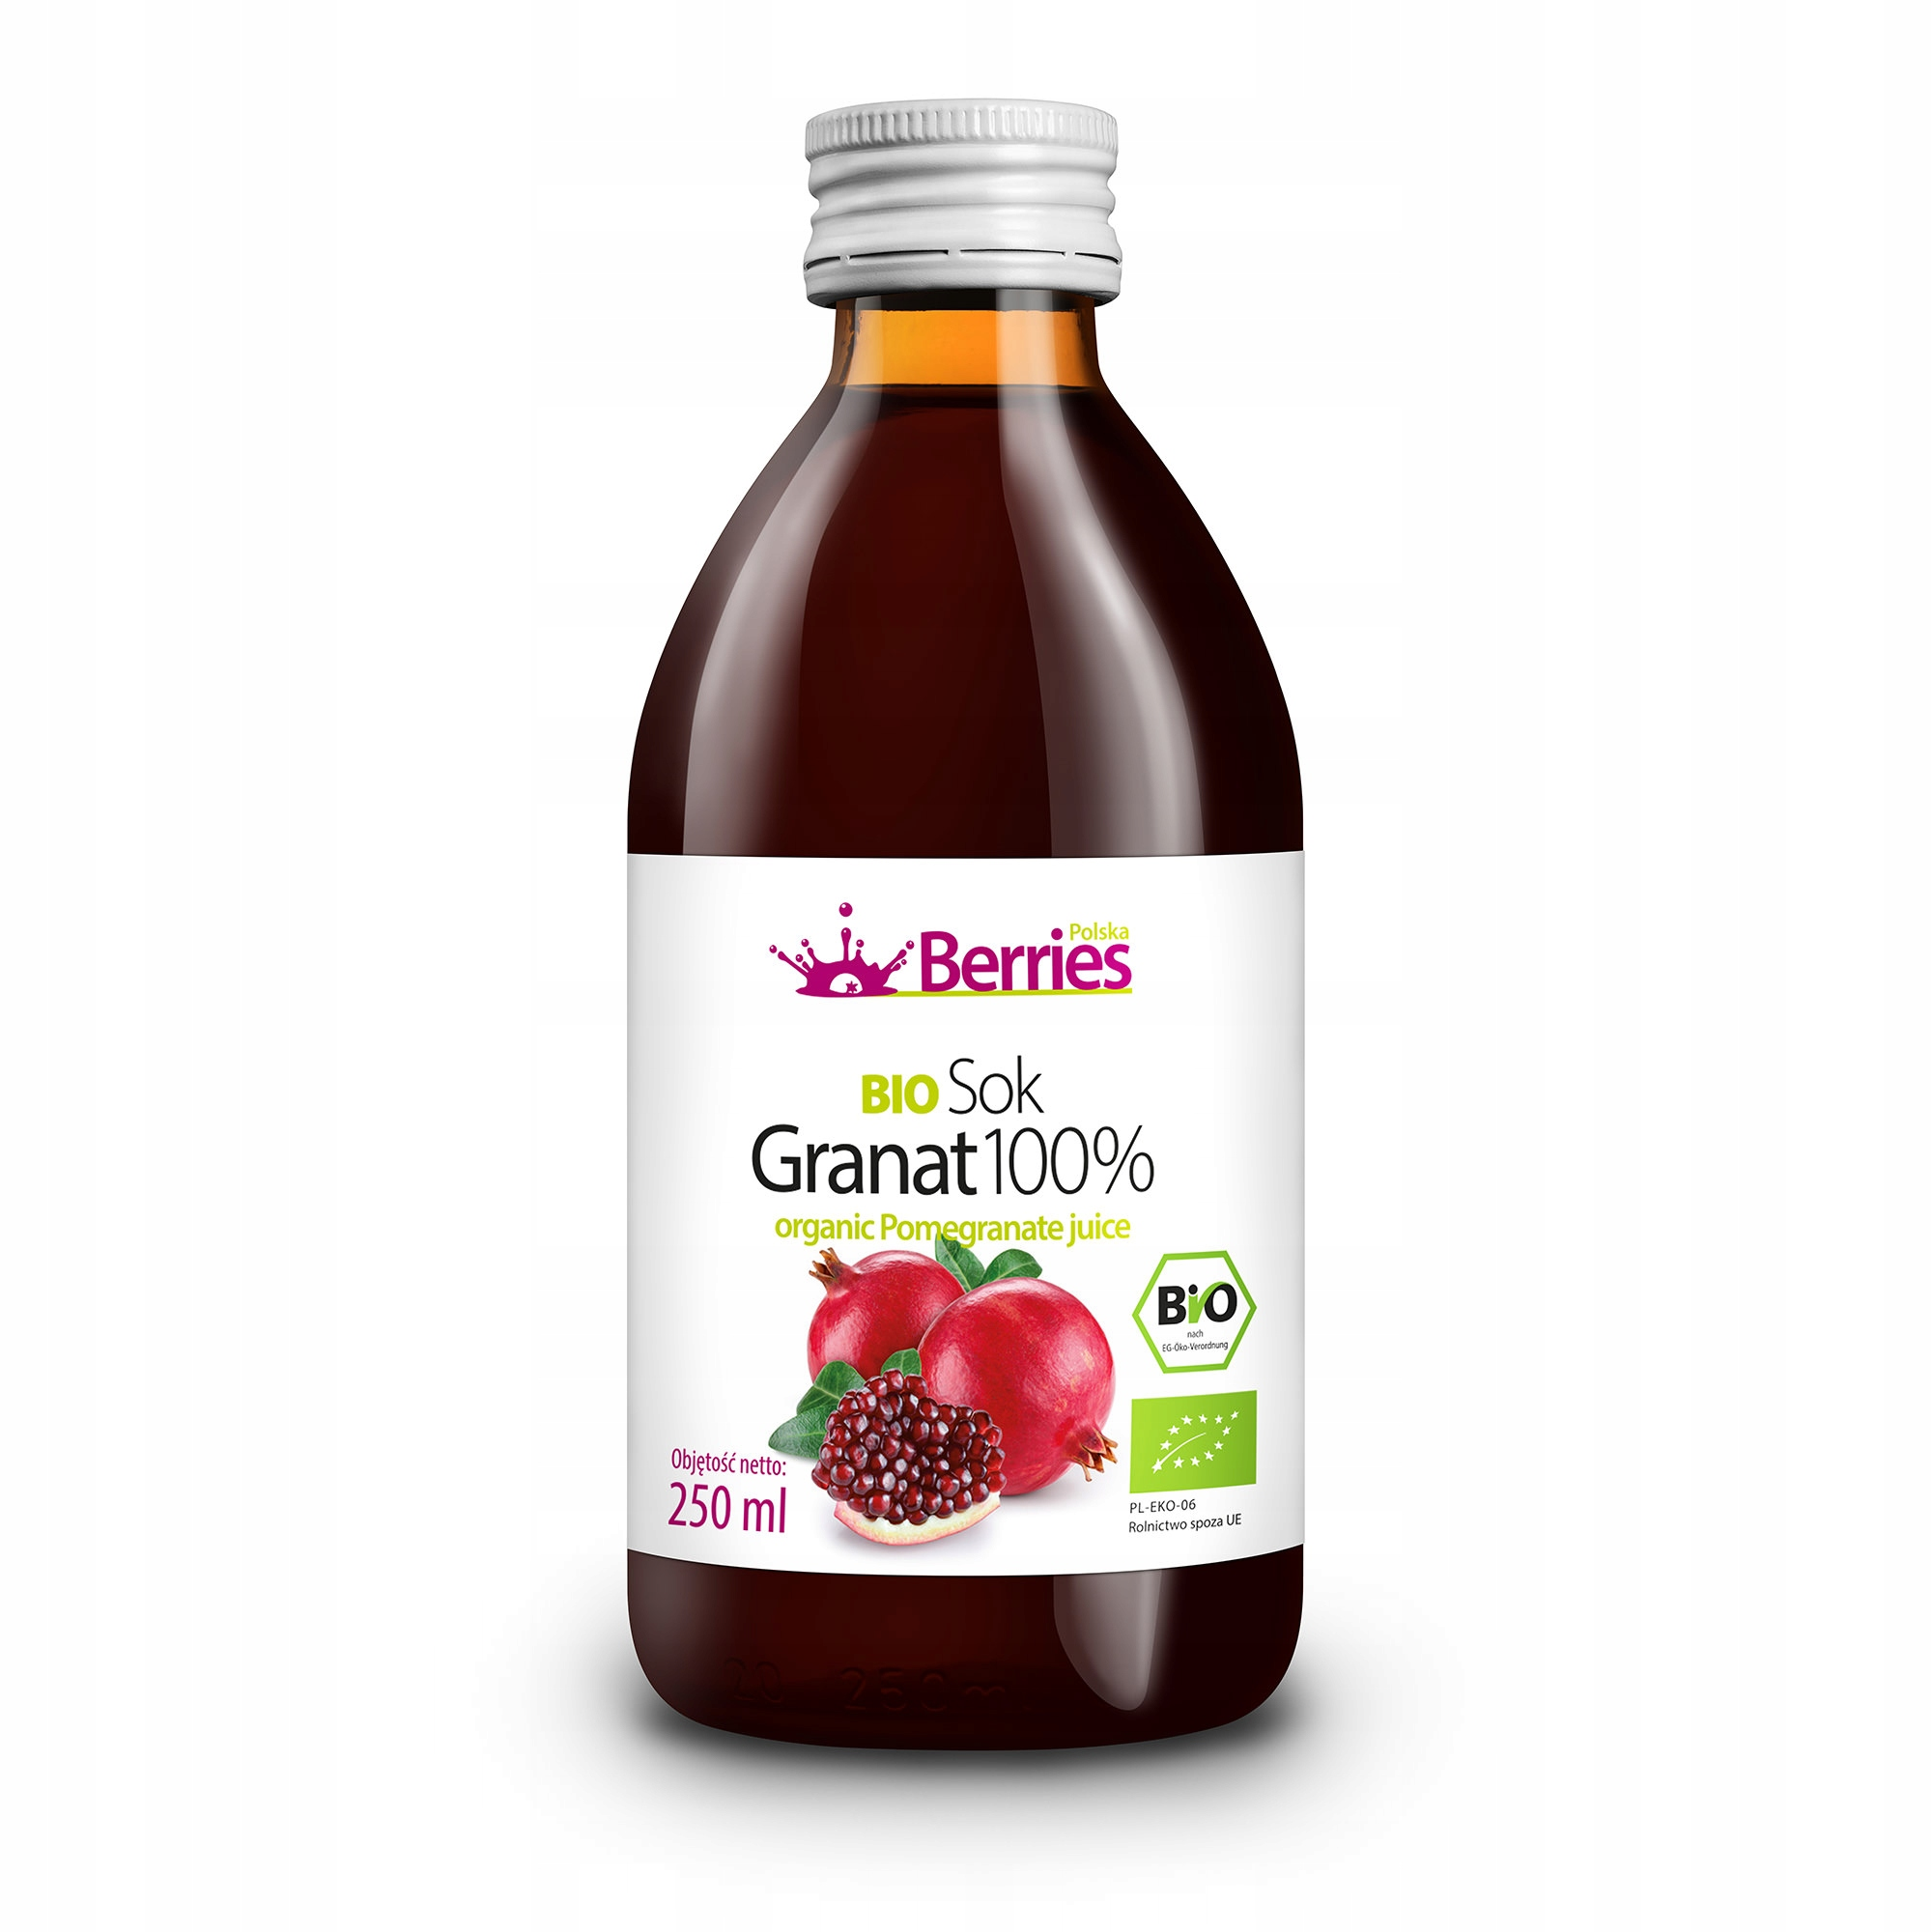 Sok BIO Granat 100% eko sok z granatu 250ml